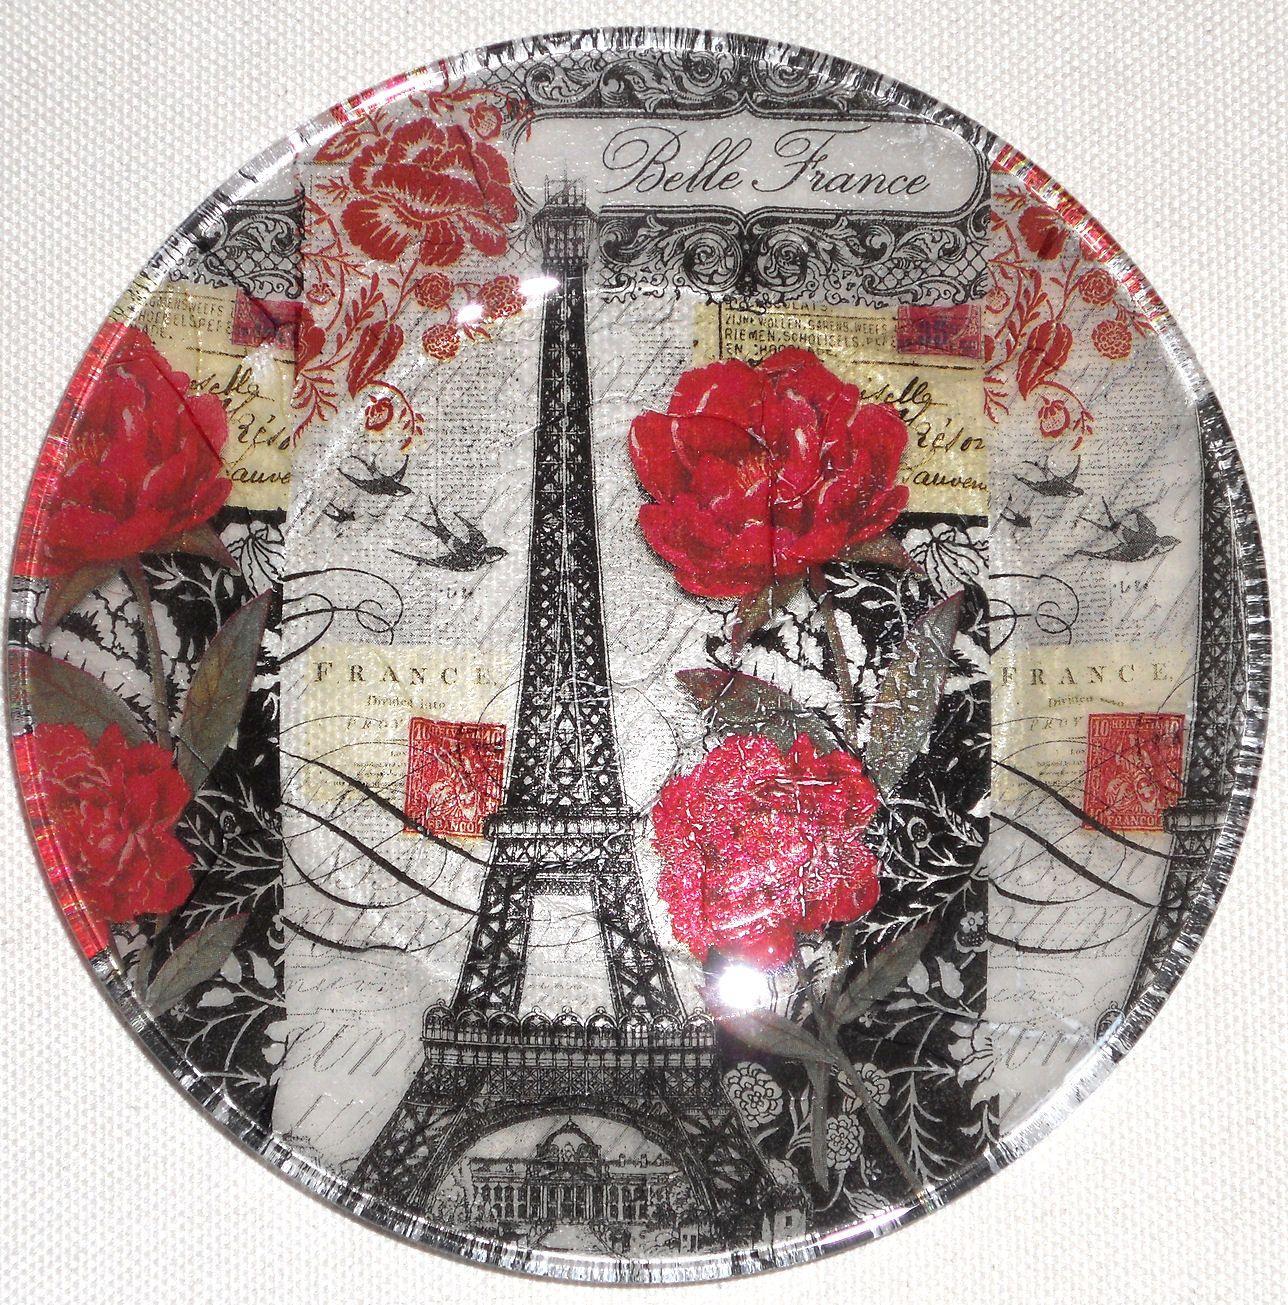 Paris Roses 7 5 Paper Decoupage Glass Plate Eiffel Tower Red Roses Paris Decor Dessert Plate Black Clear Red Semi Paris Decor Decoupage Decoupage Glass